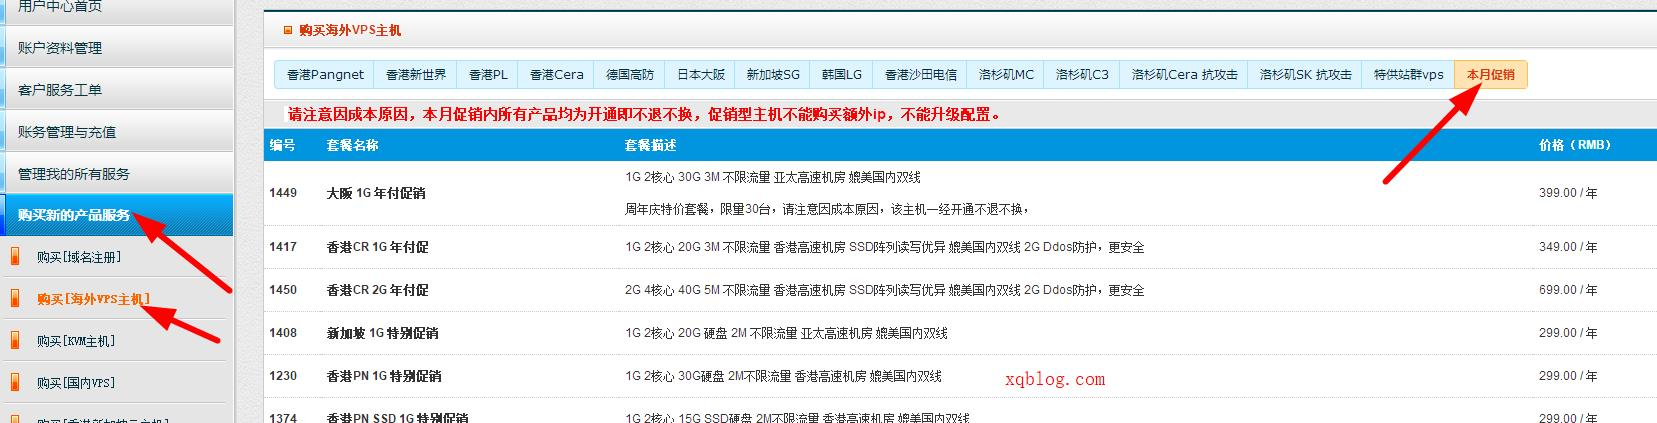 80VPS日本大阪VPS以及香港VPS服务器特价年付VPS套餐补货/稳定性较好/适合建站-VPS推荐网